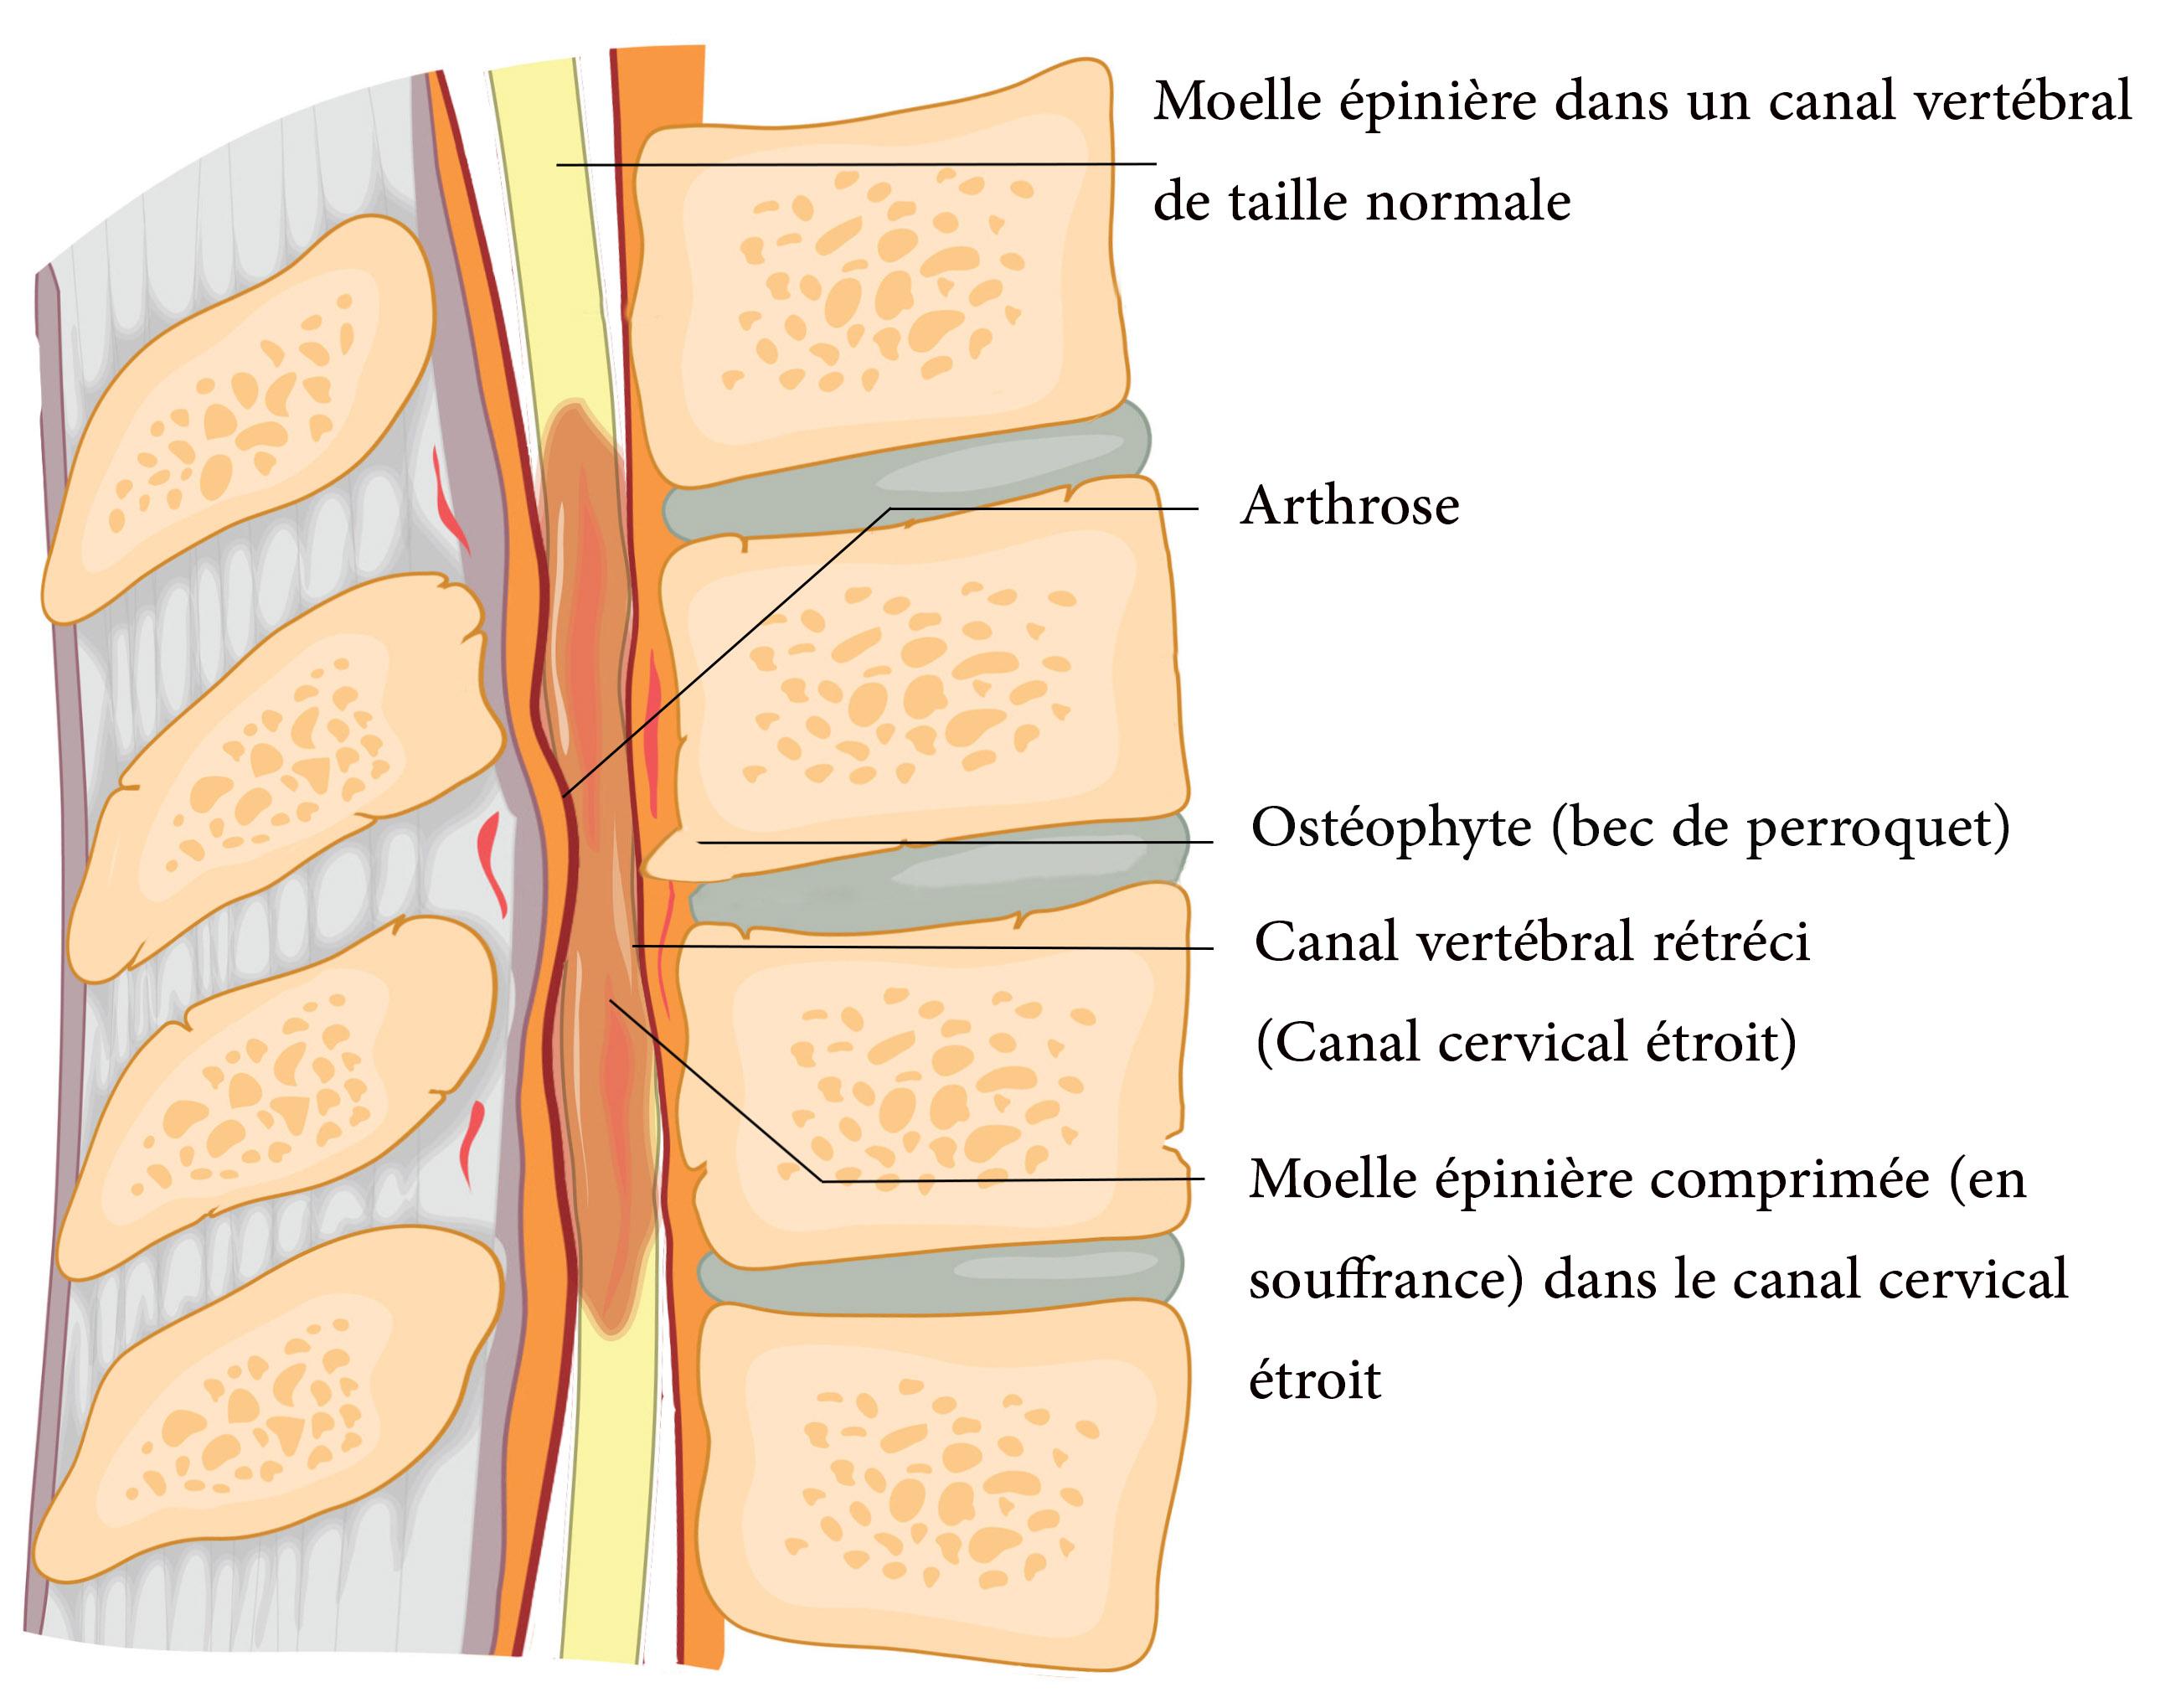 Le canal cervical étroit (CCE) et la myélopathie cervicarthrosique.